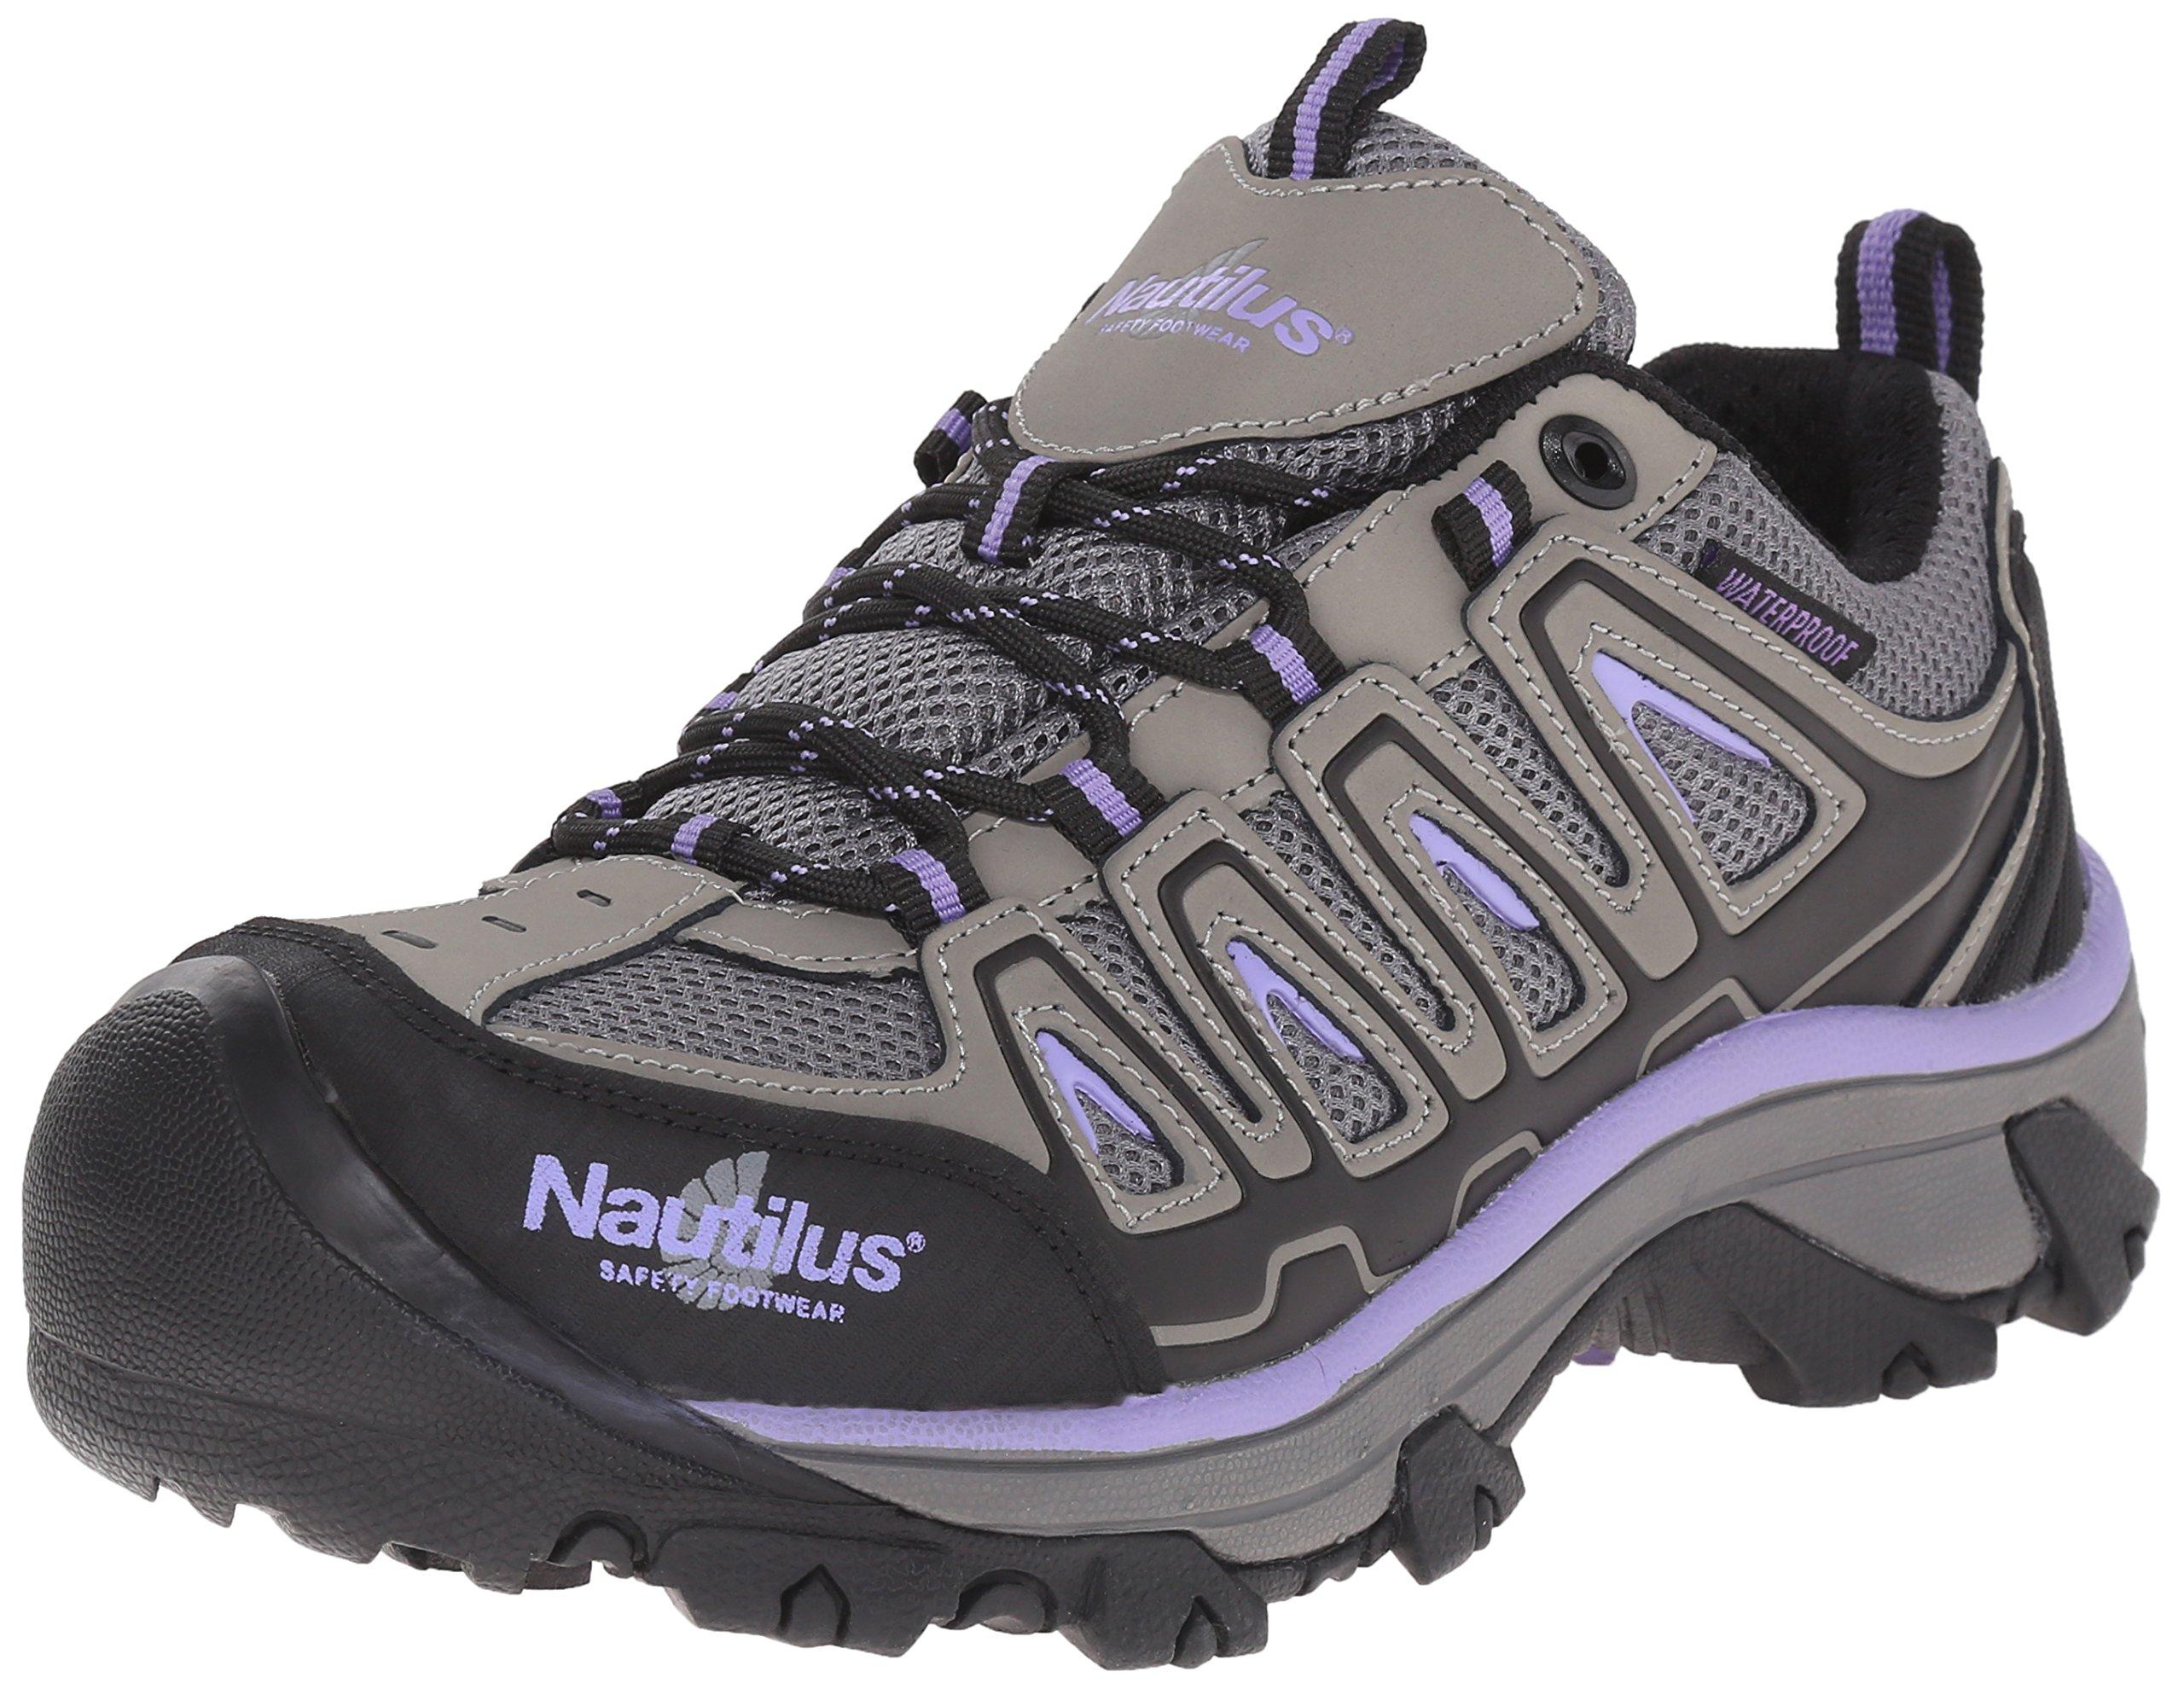 Nautilus Safety Footwear Women's 2258 Work Shoe, Grey, 9 M US